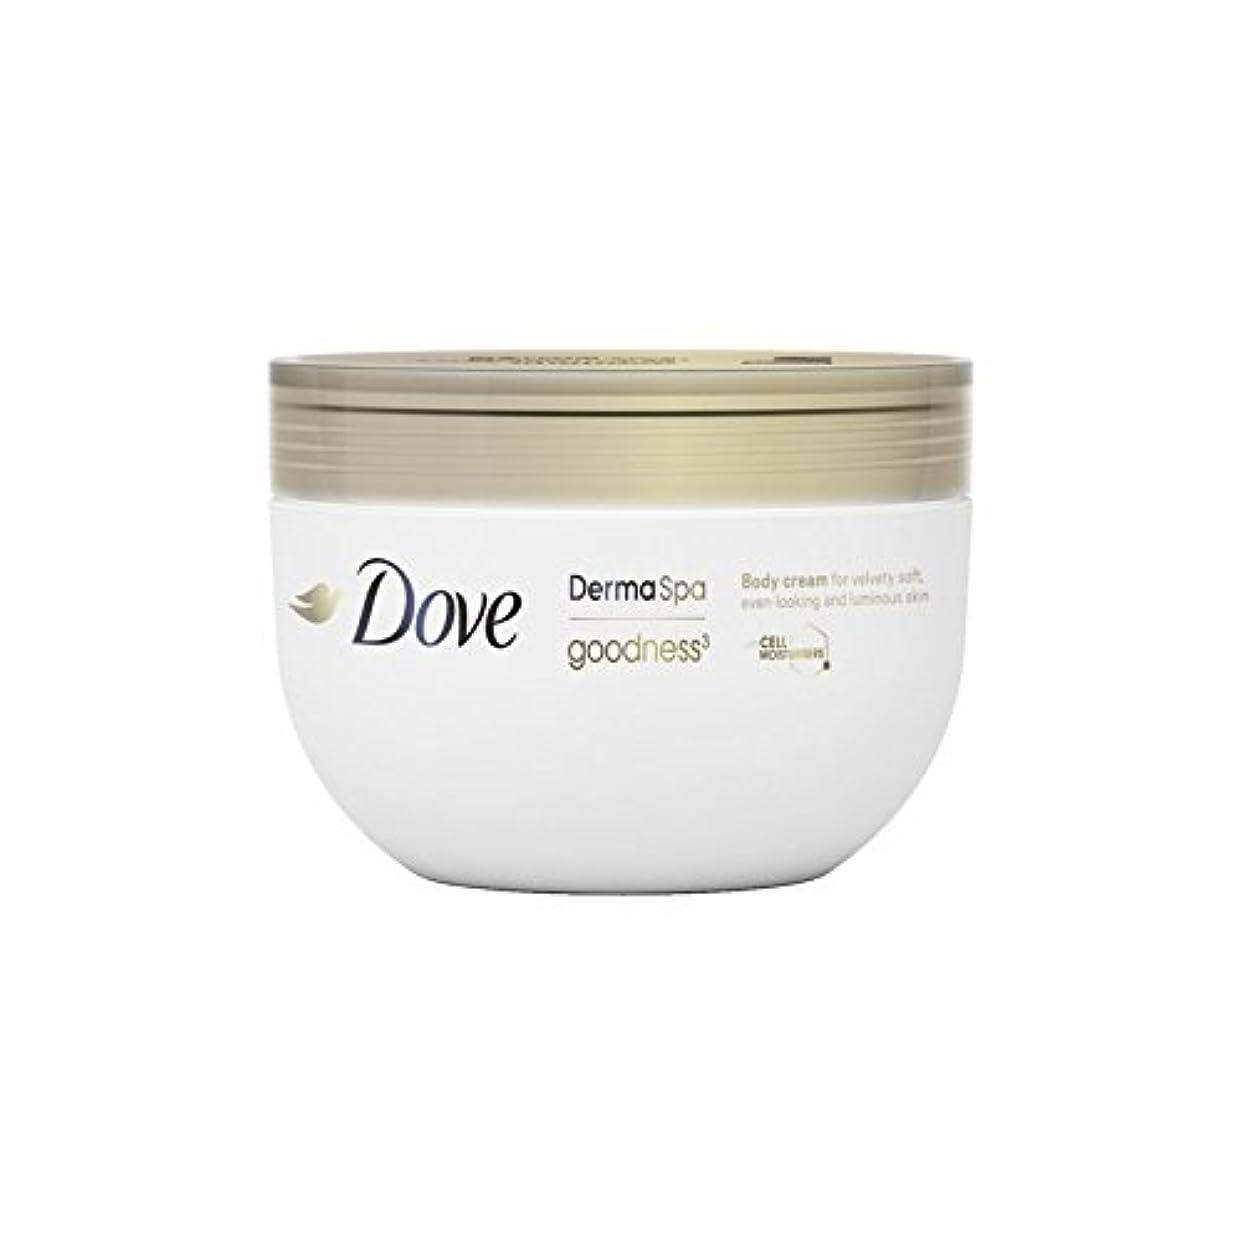 一方、呼び起こす傷跡Dove DermaSpa Goodness3 Body Cream (300ml) - 鳩の3ボディクリーム(300ミリリットル) [並行輸入品]